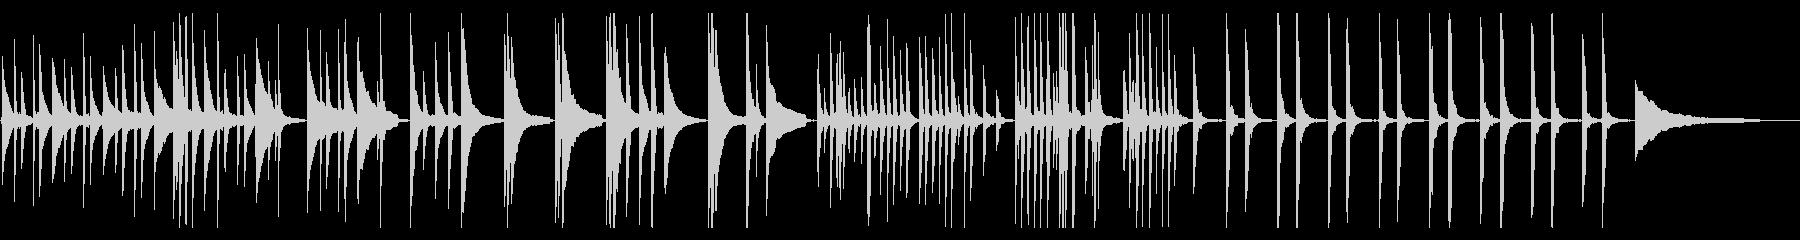 澄んだピアノ 優美で癒し、ほのぼの映像にの未再生の波形